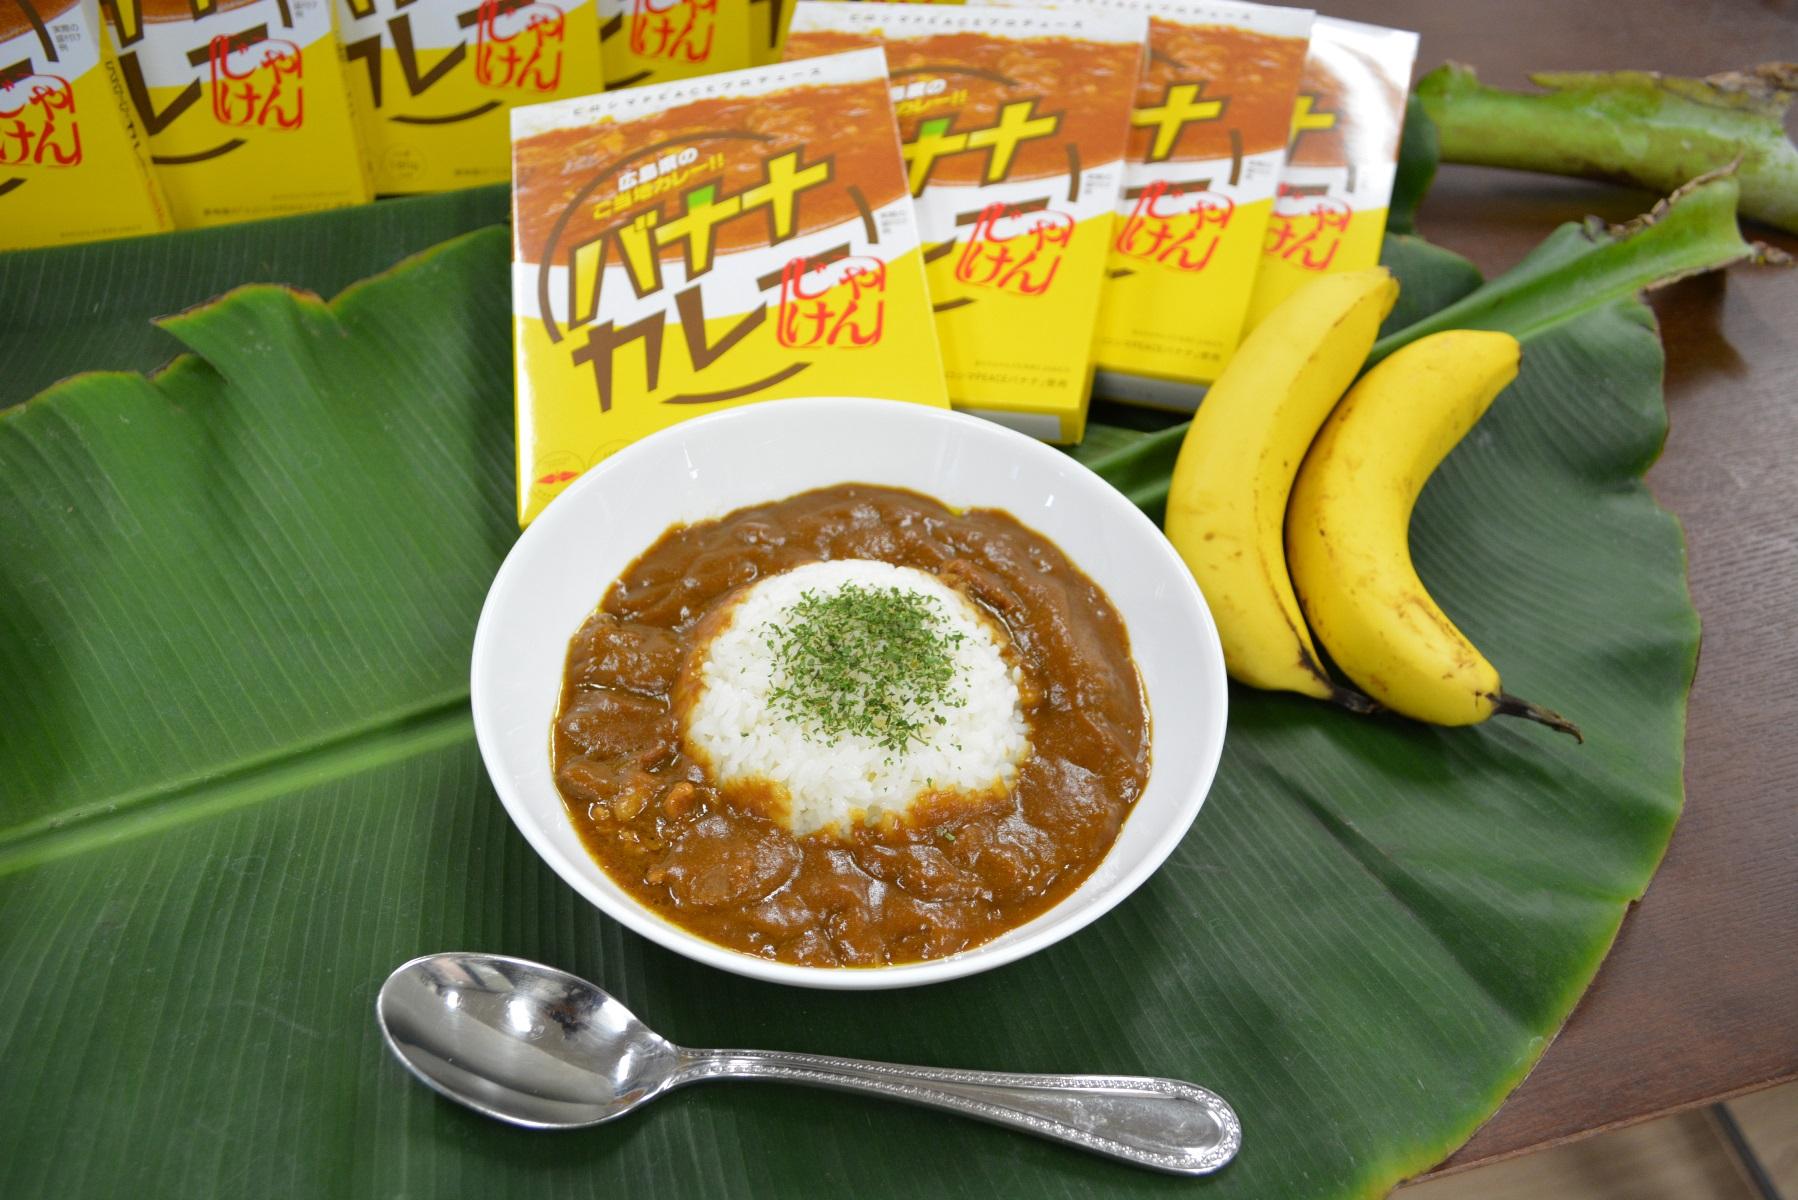 【広島県】ヒロシマPEACEバナナカレーじゃけん3個セット 【産地直送・同梱不可】